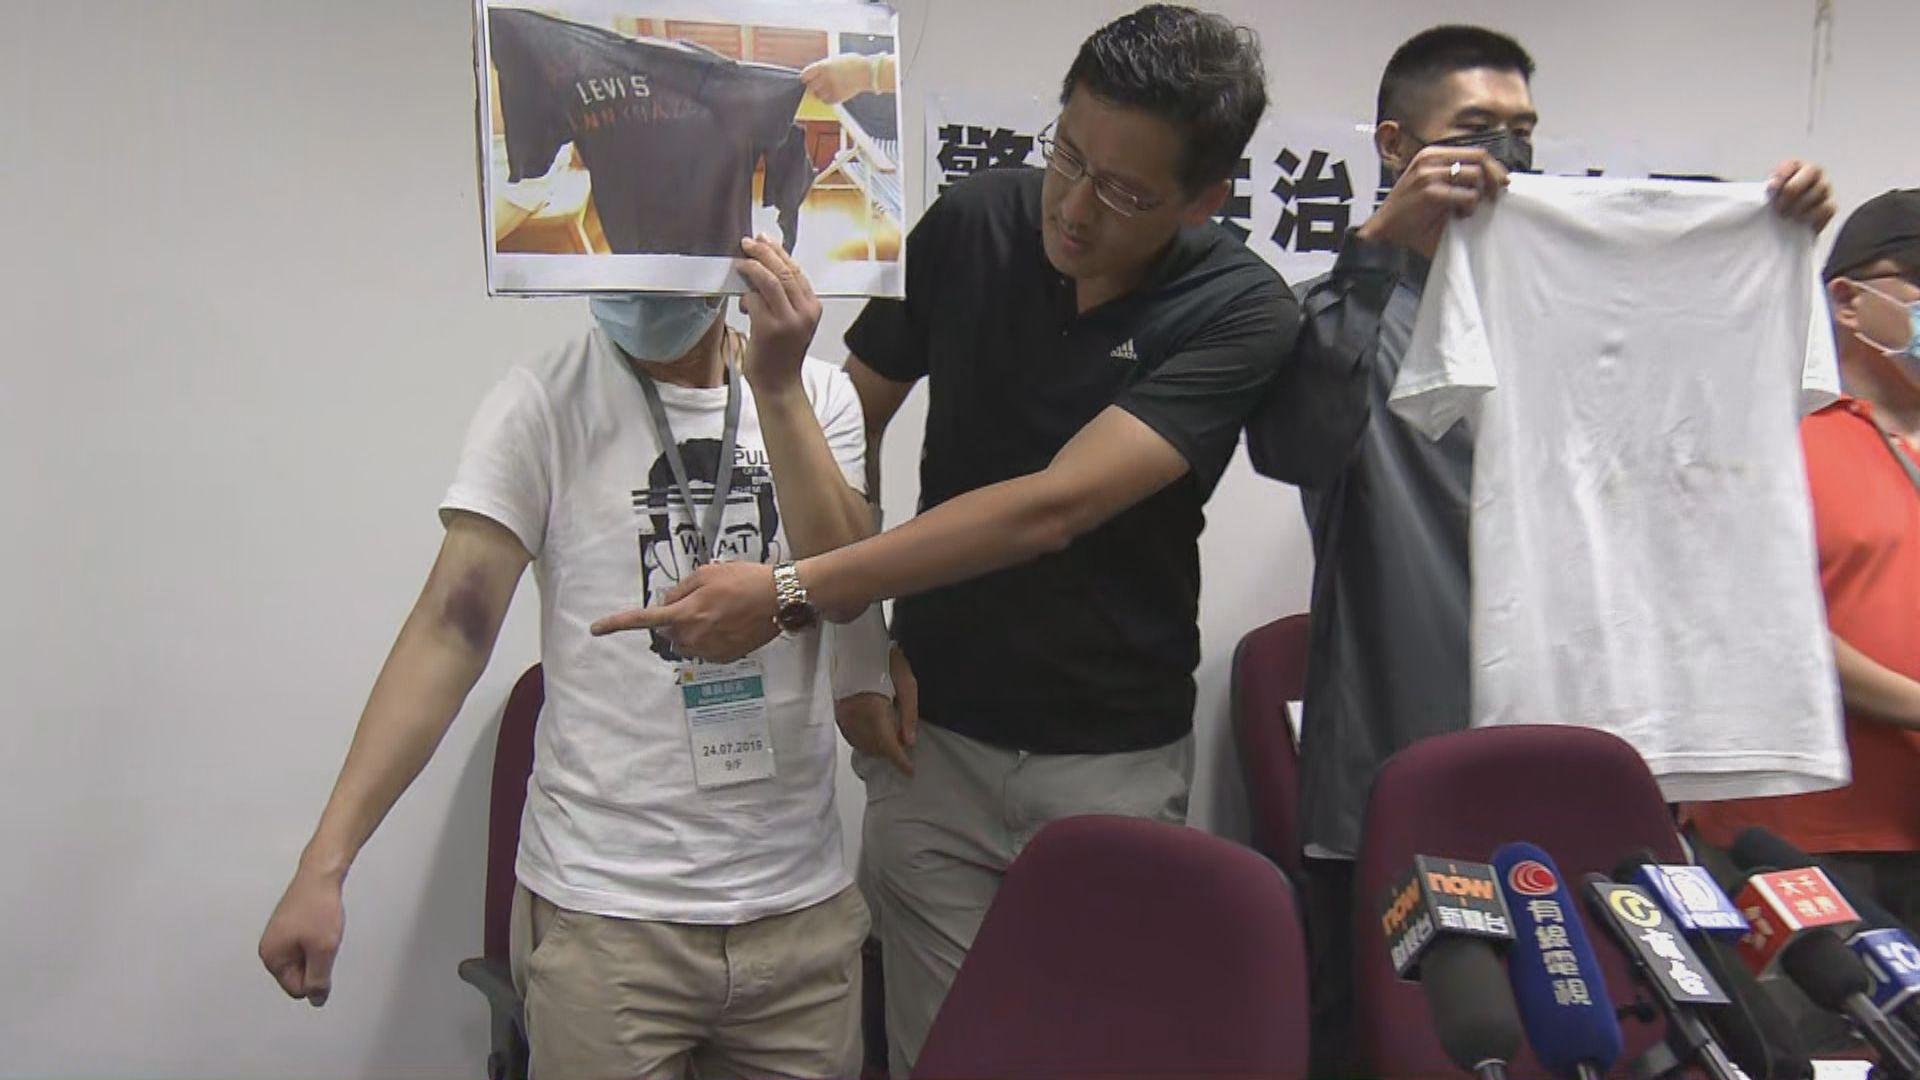 【元朗襲擊】傷者批評警方無保護市民